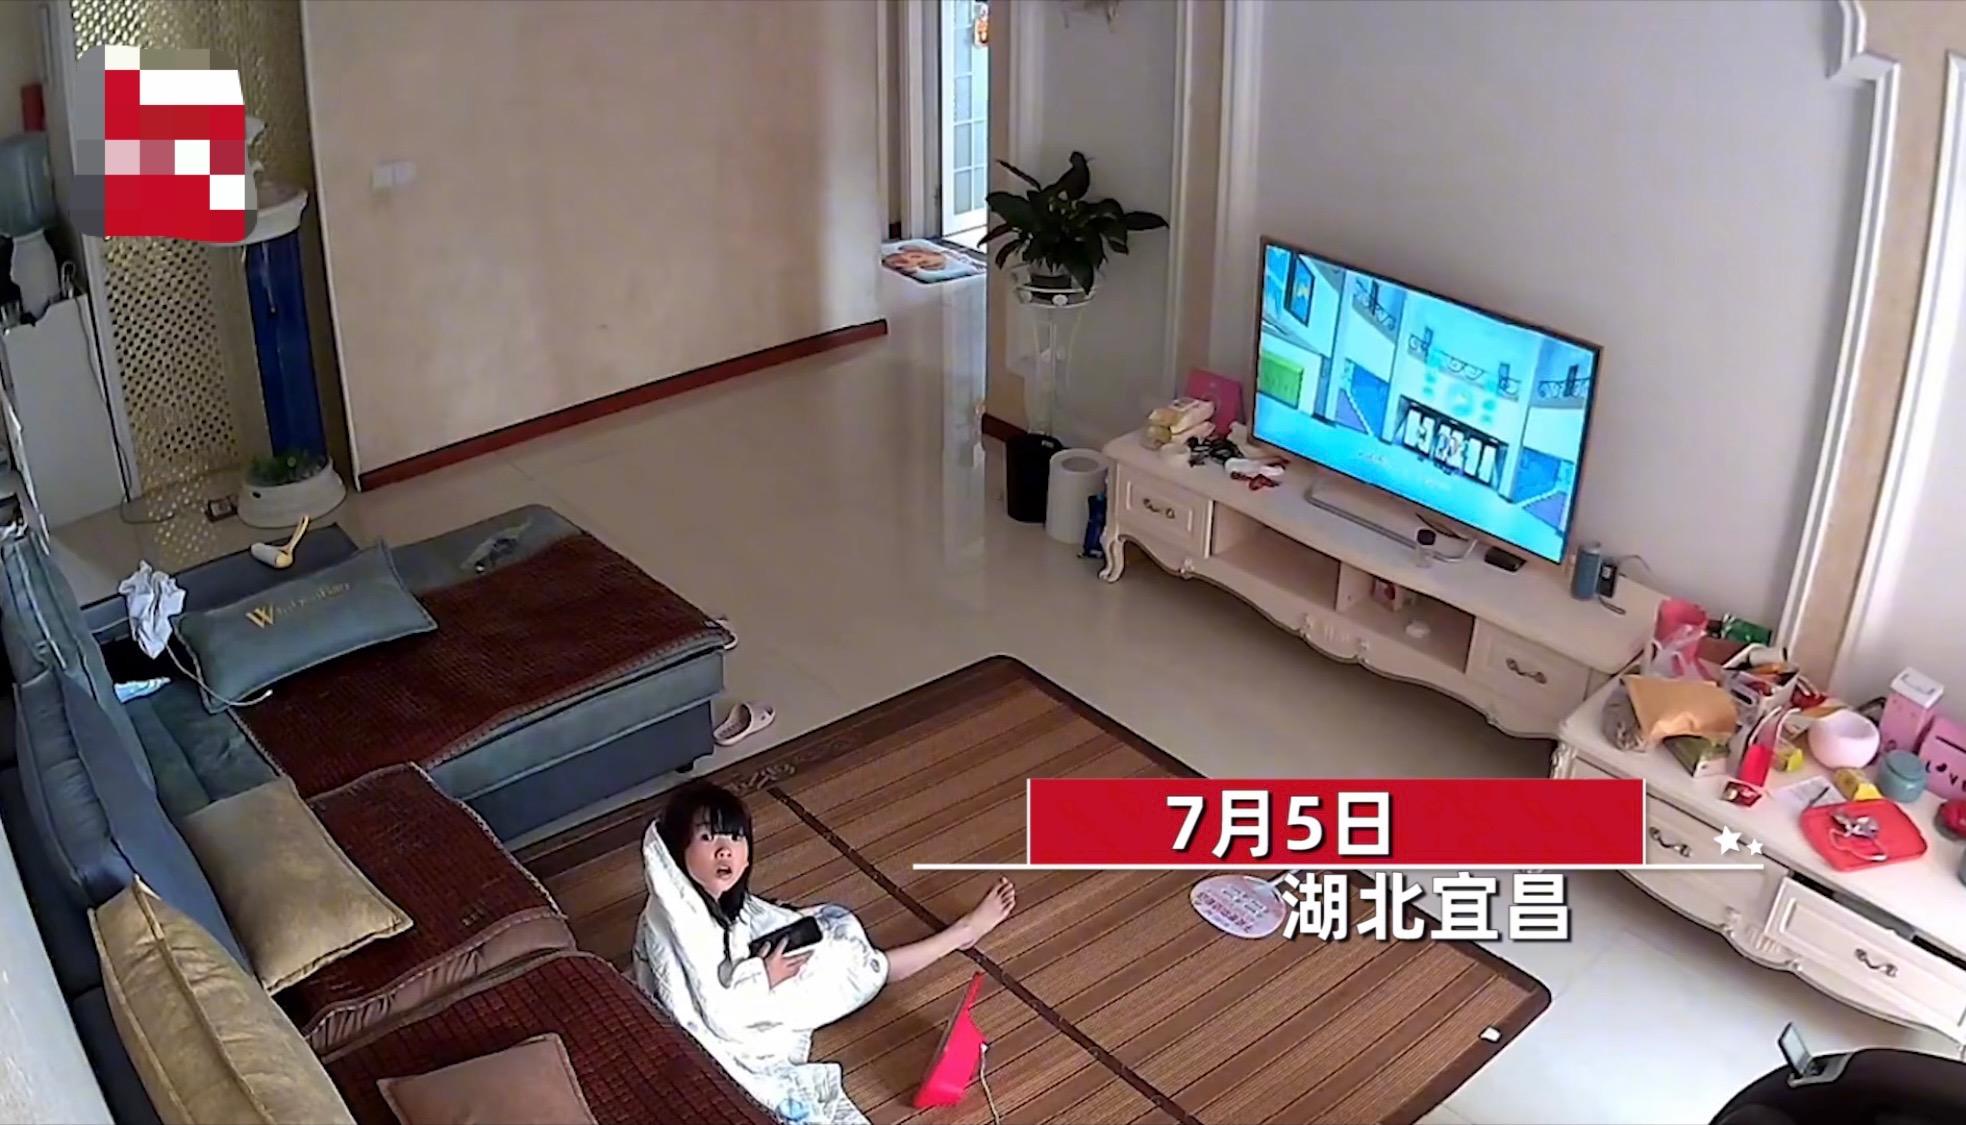 女孩暑假在家偷看电视,妈妈用摄像头隔空喊话,网友:给点隐私空间